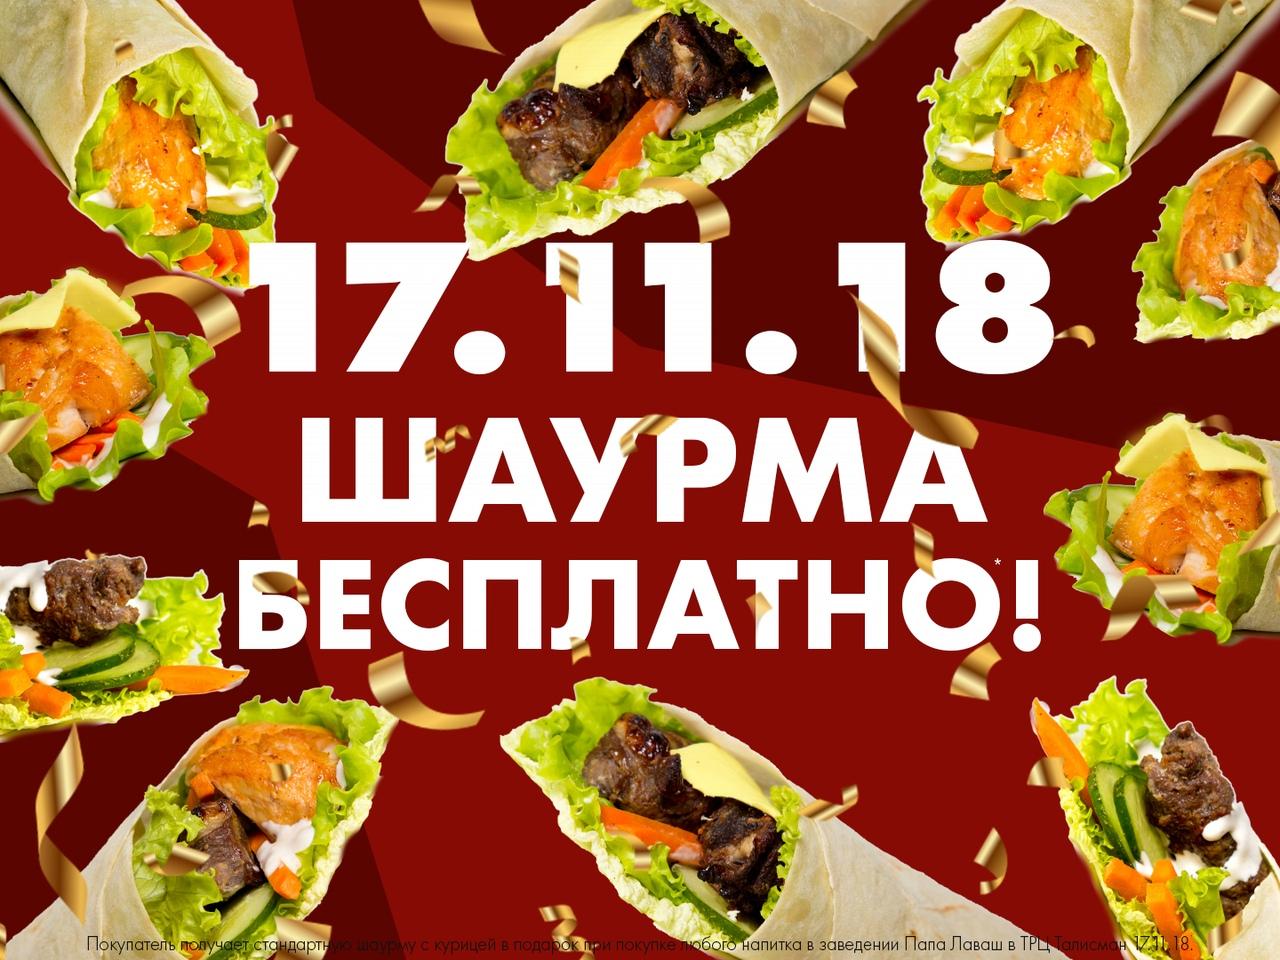 Афиша Ижевск День шаурмы в ТРЦ Талисман